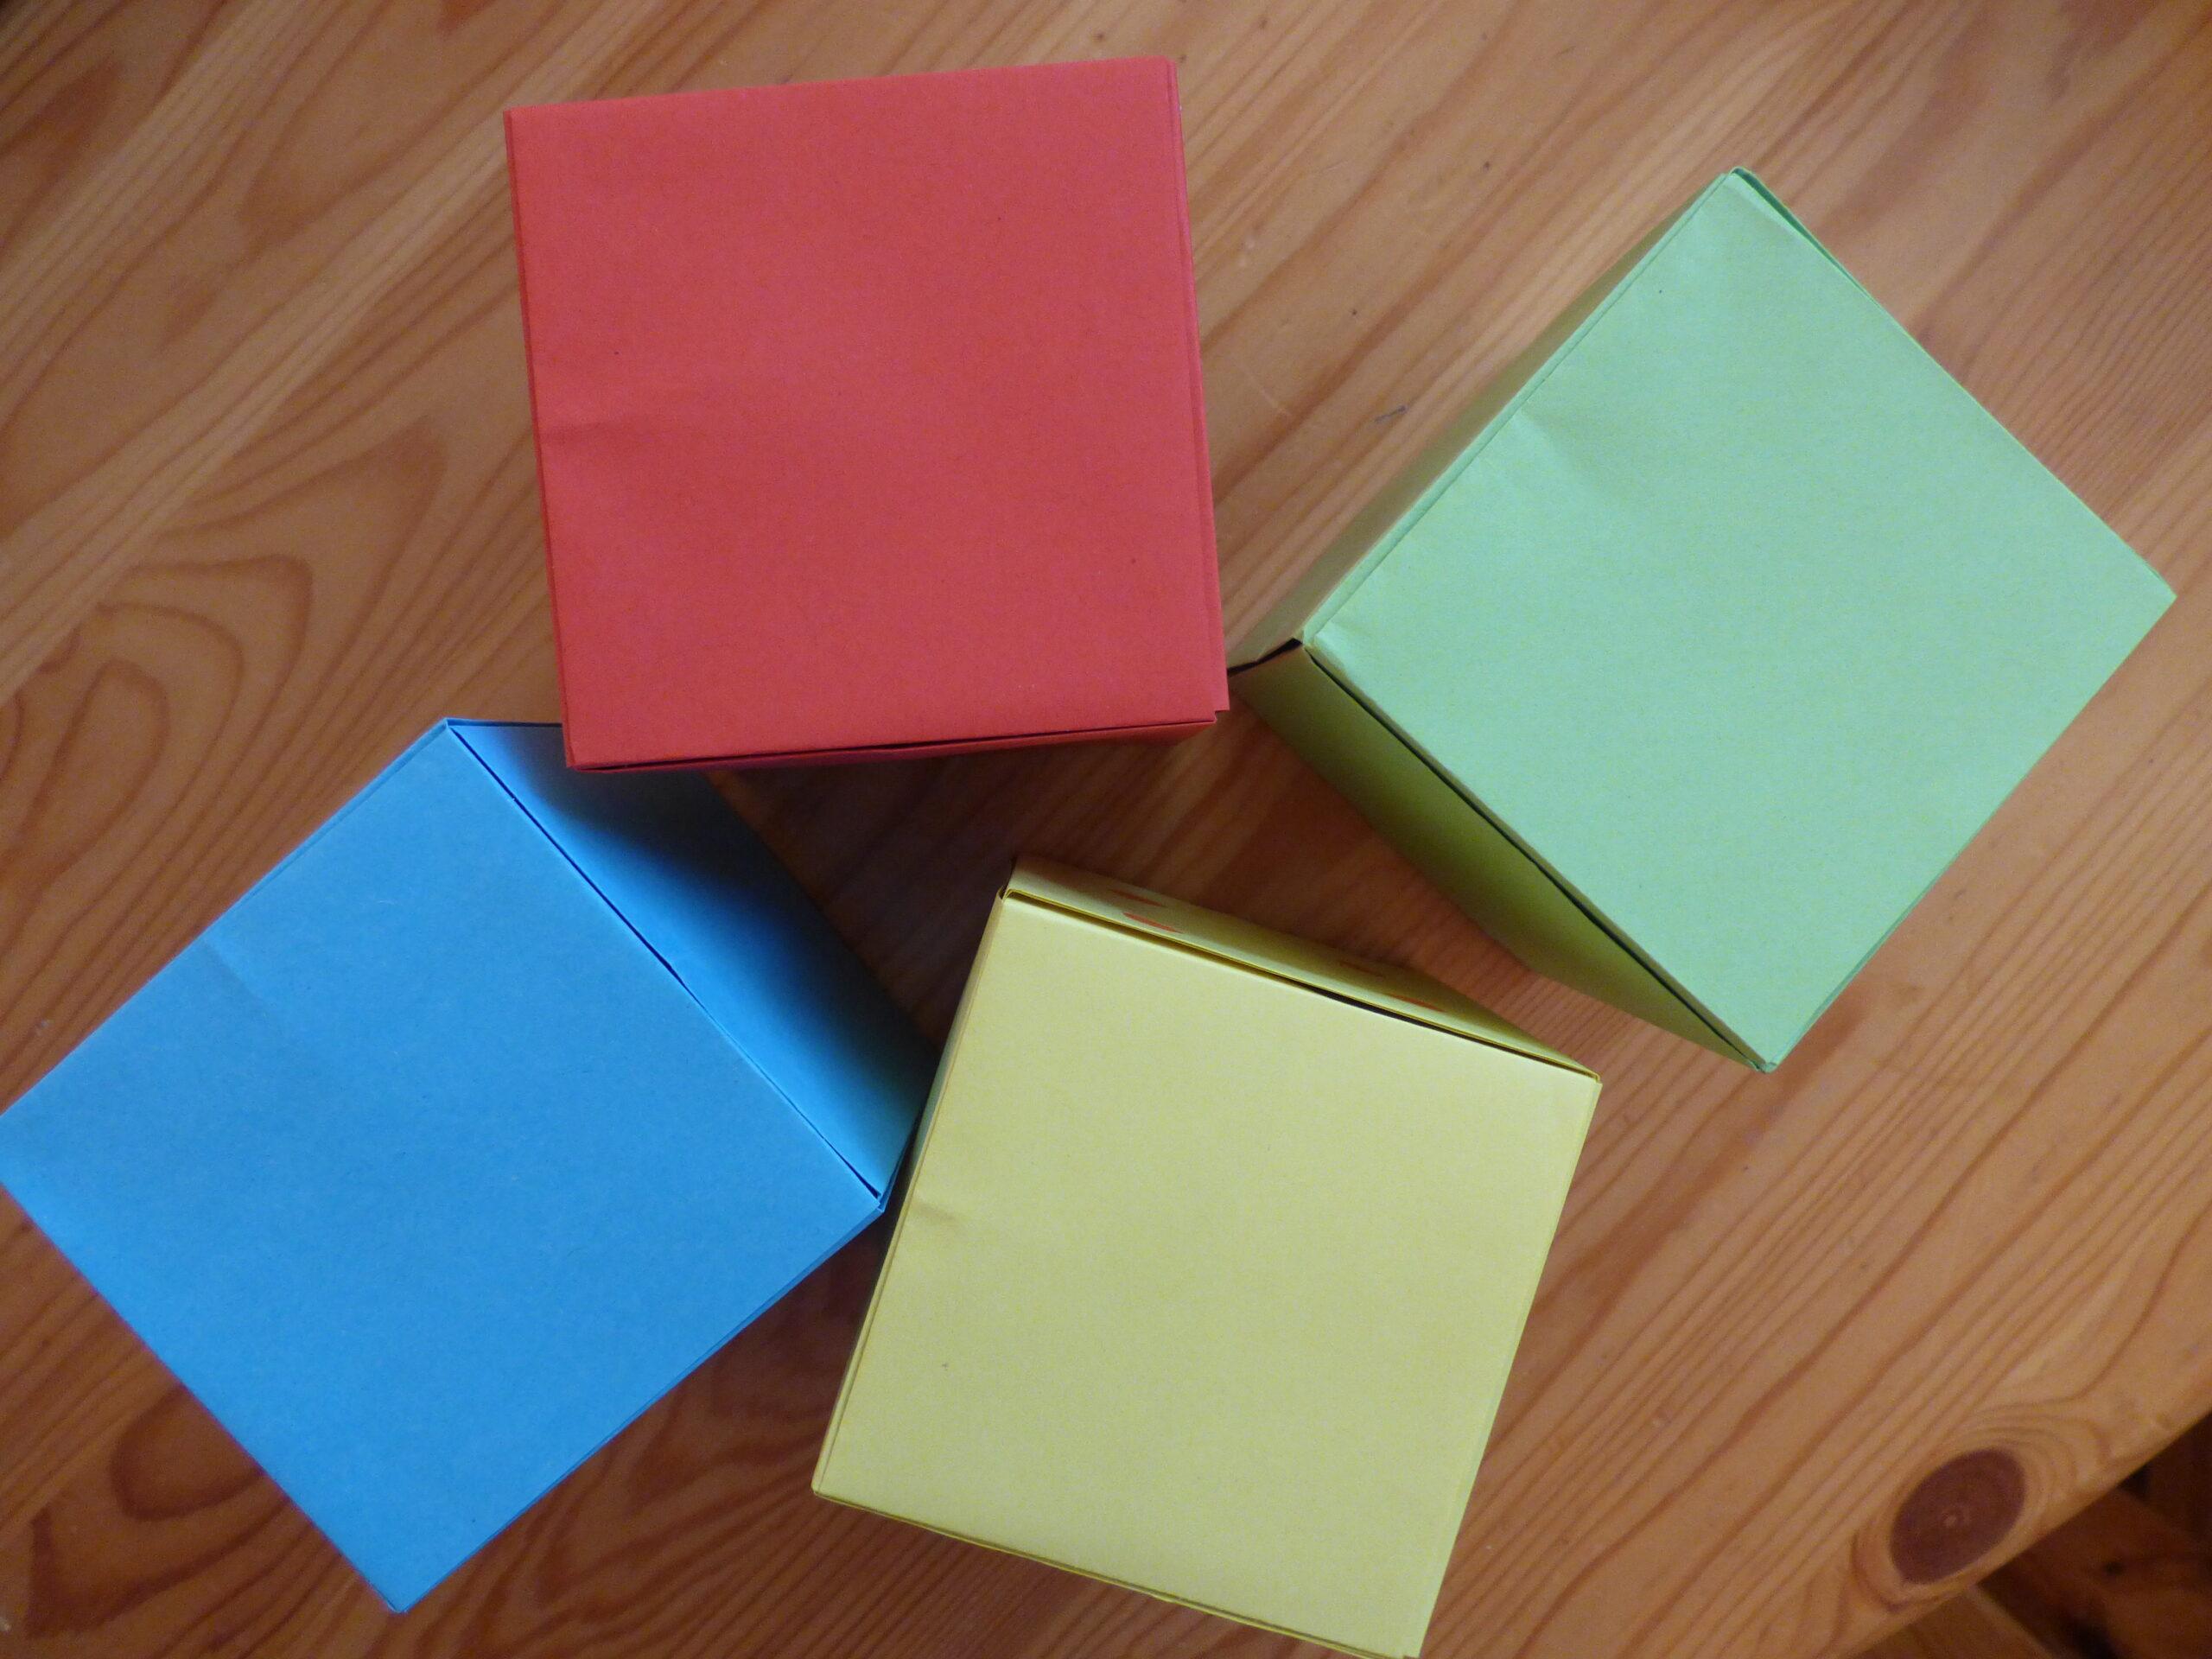 Fabriquer un cube ou dé en papier 13